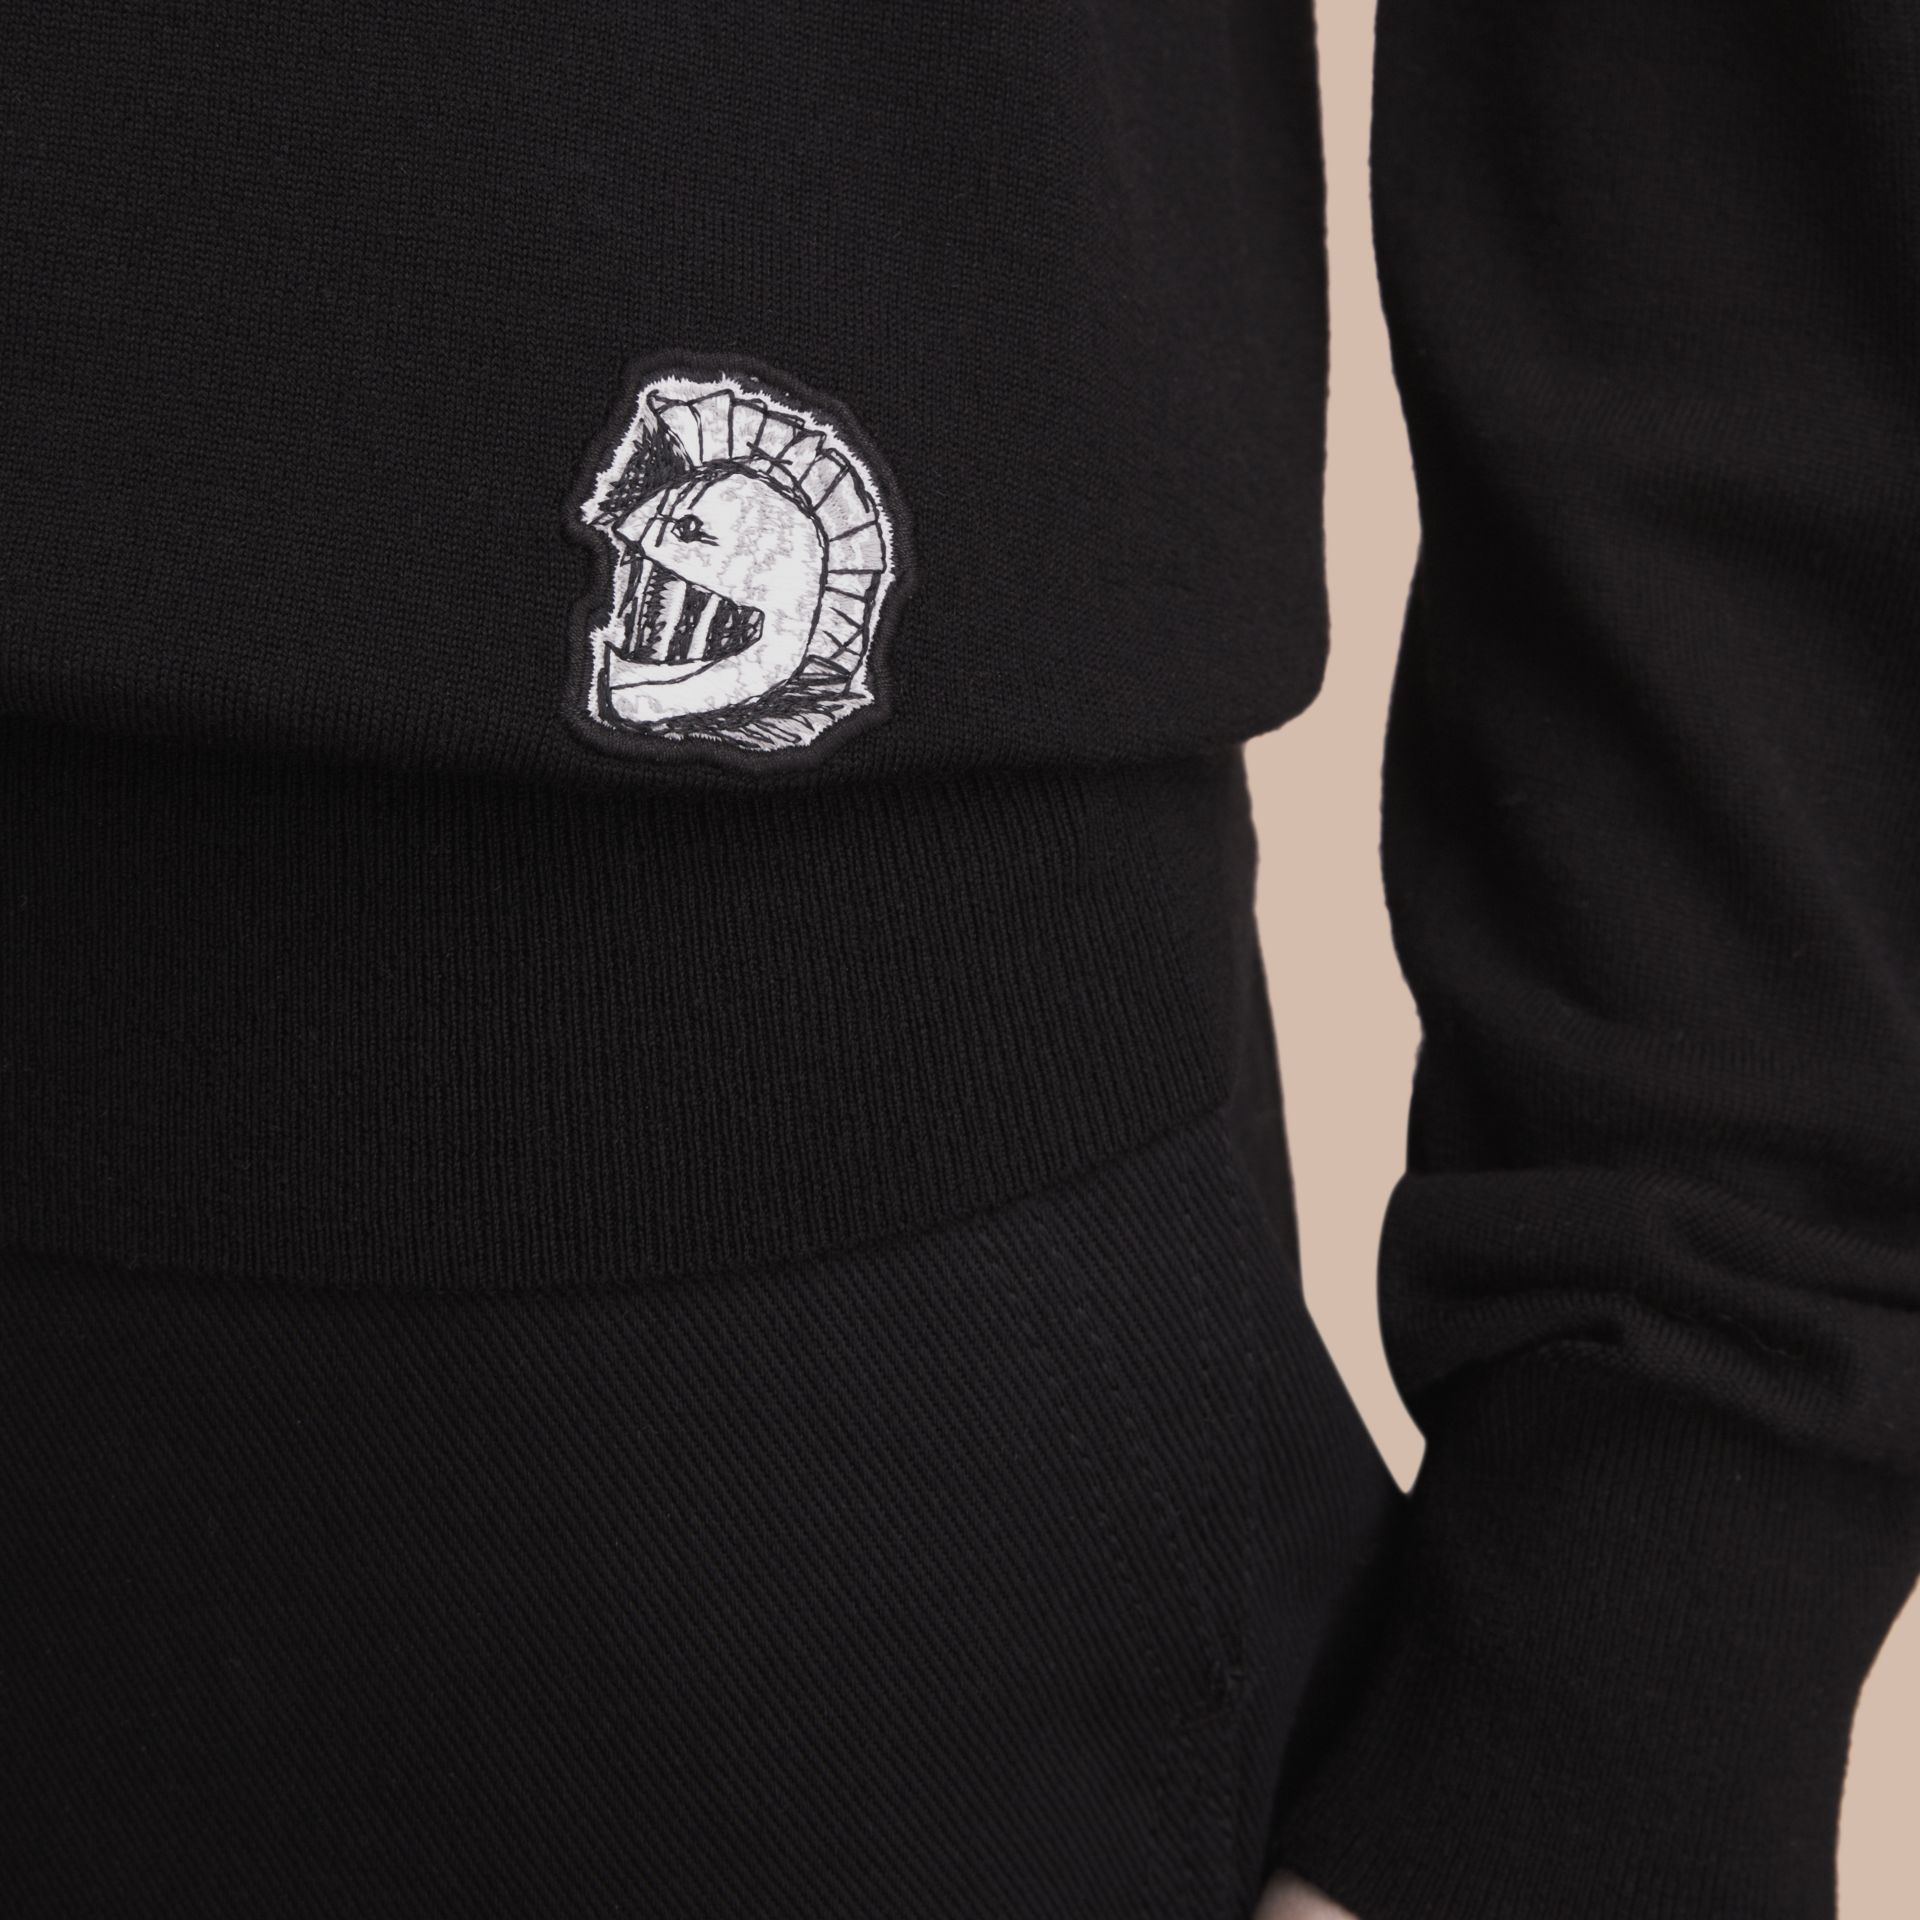 팔라스 헬멧 모티프 메리노 울 브이넥 스웨터 (블랙) - 남성 | Burberry - 갤러리 이미지 5